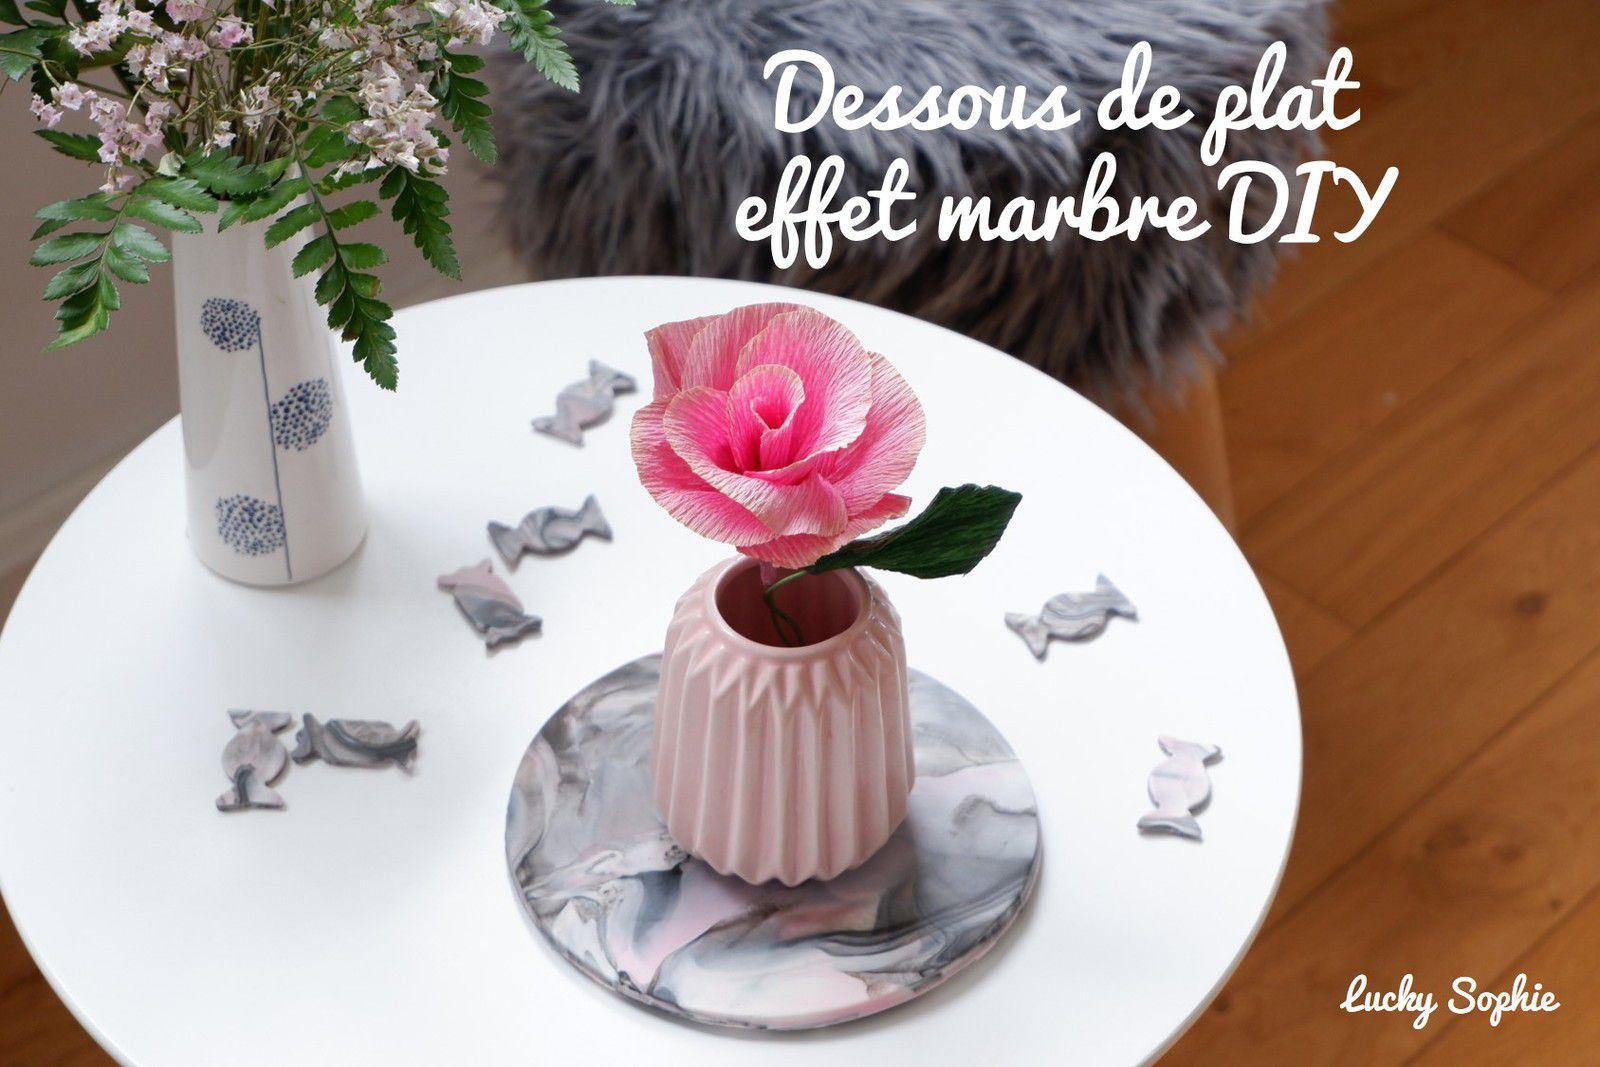 Dessous de plat effet marbre DIY